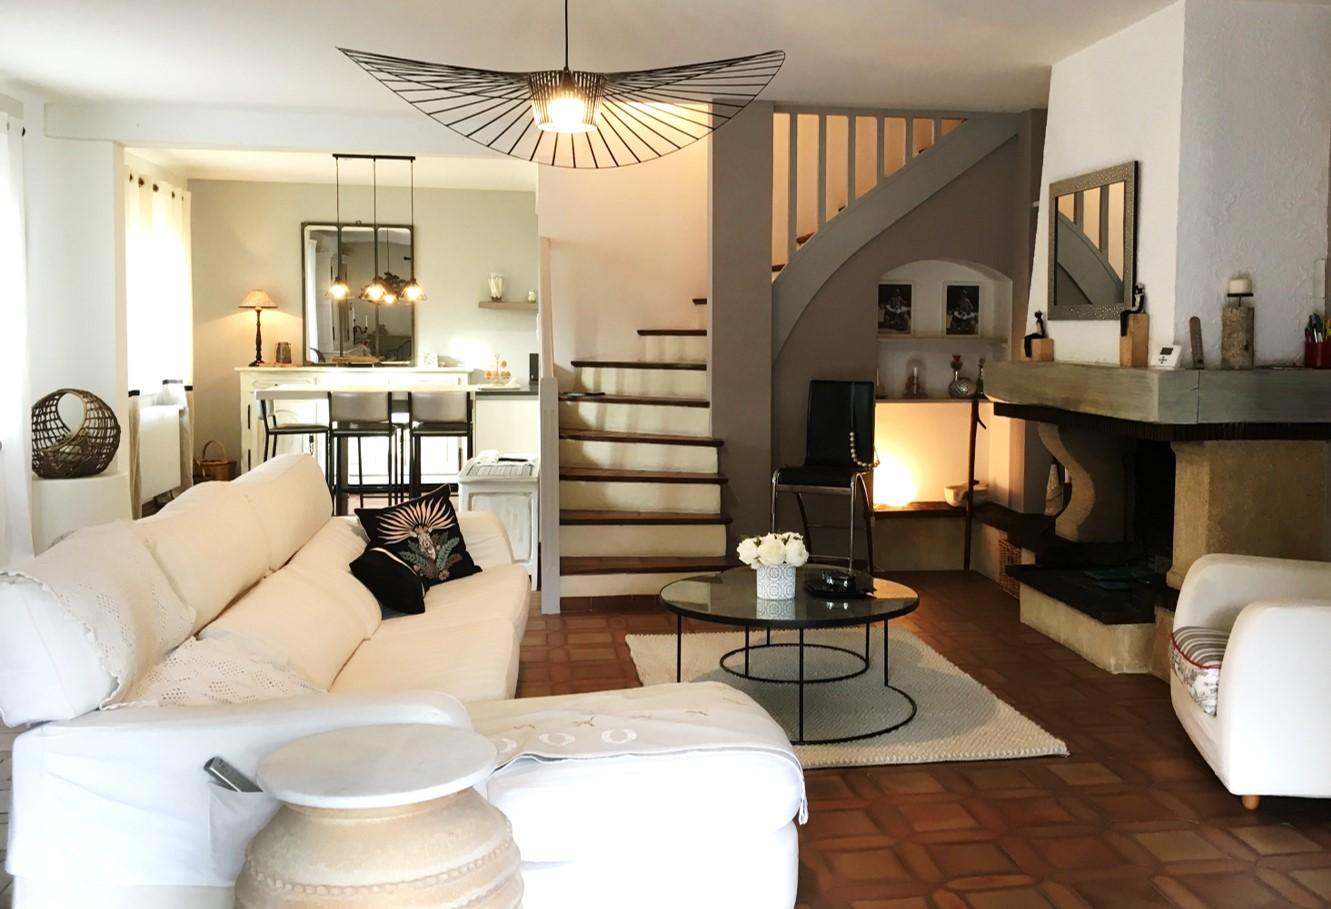 Mise en lumière d'un grand séjour de style provençal. Camaïeu de couleurs douces, suspension Vertigo, tables gigognes en verre et métal, rideaux et canapé en lin.